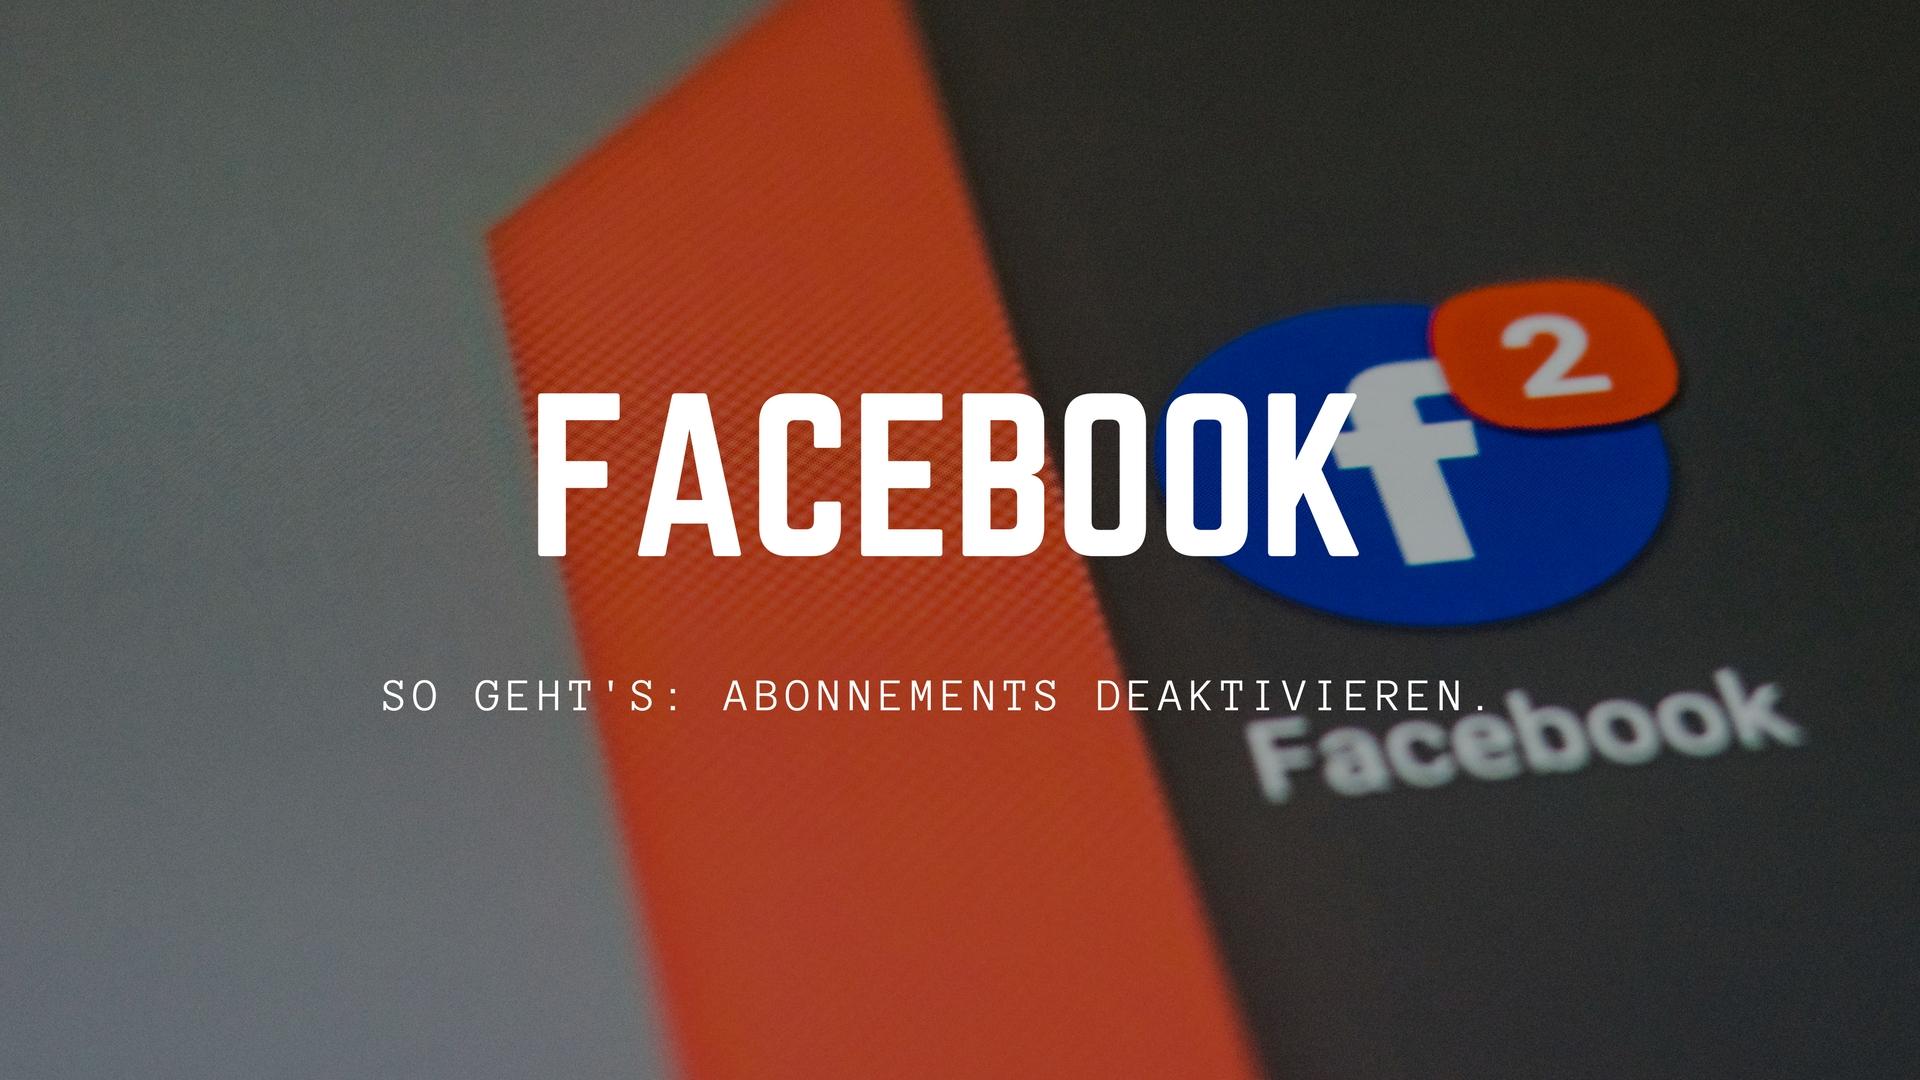 facebook-abonnements-deaktivieren